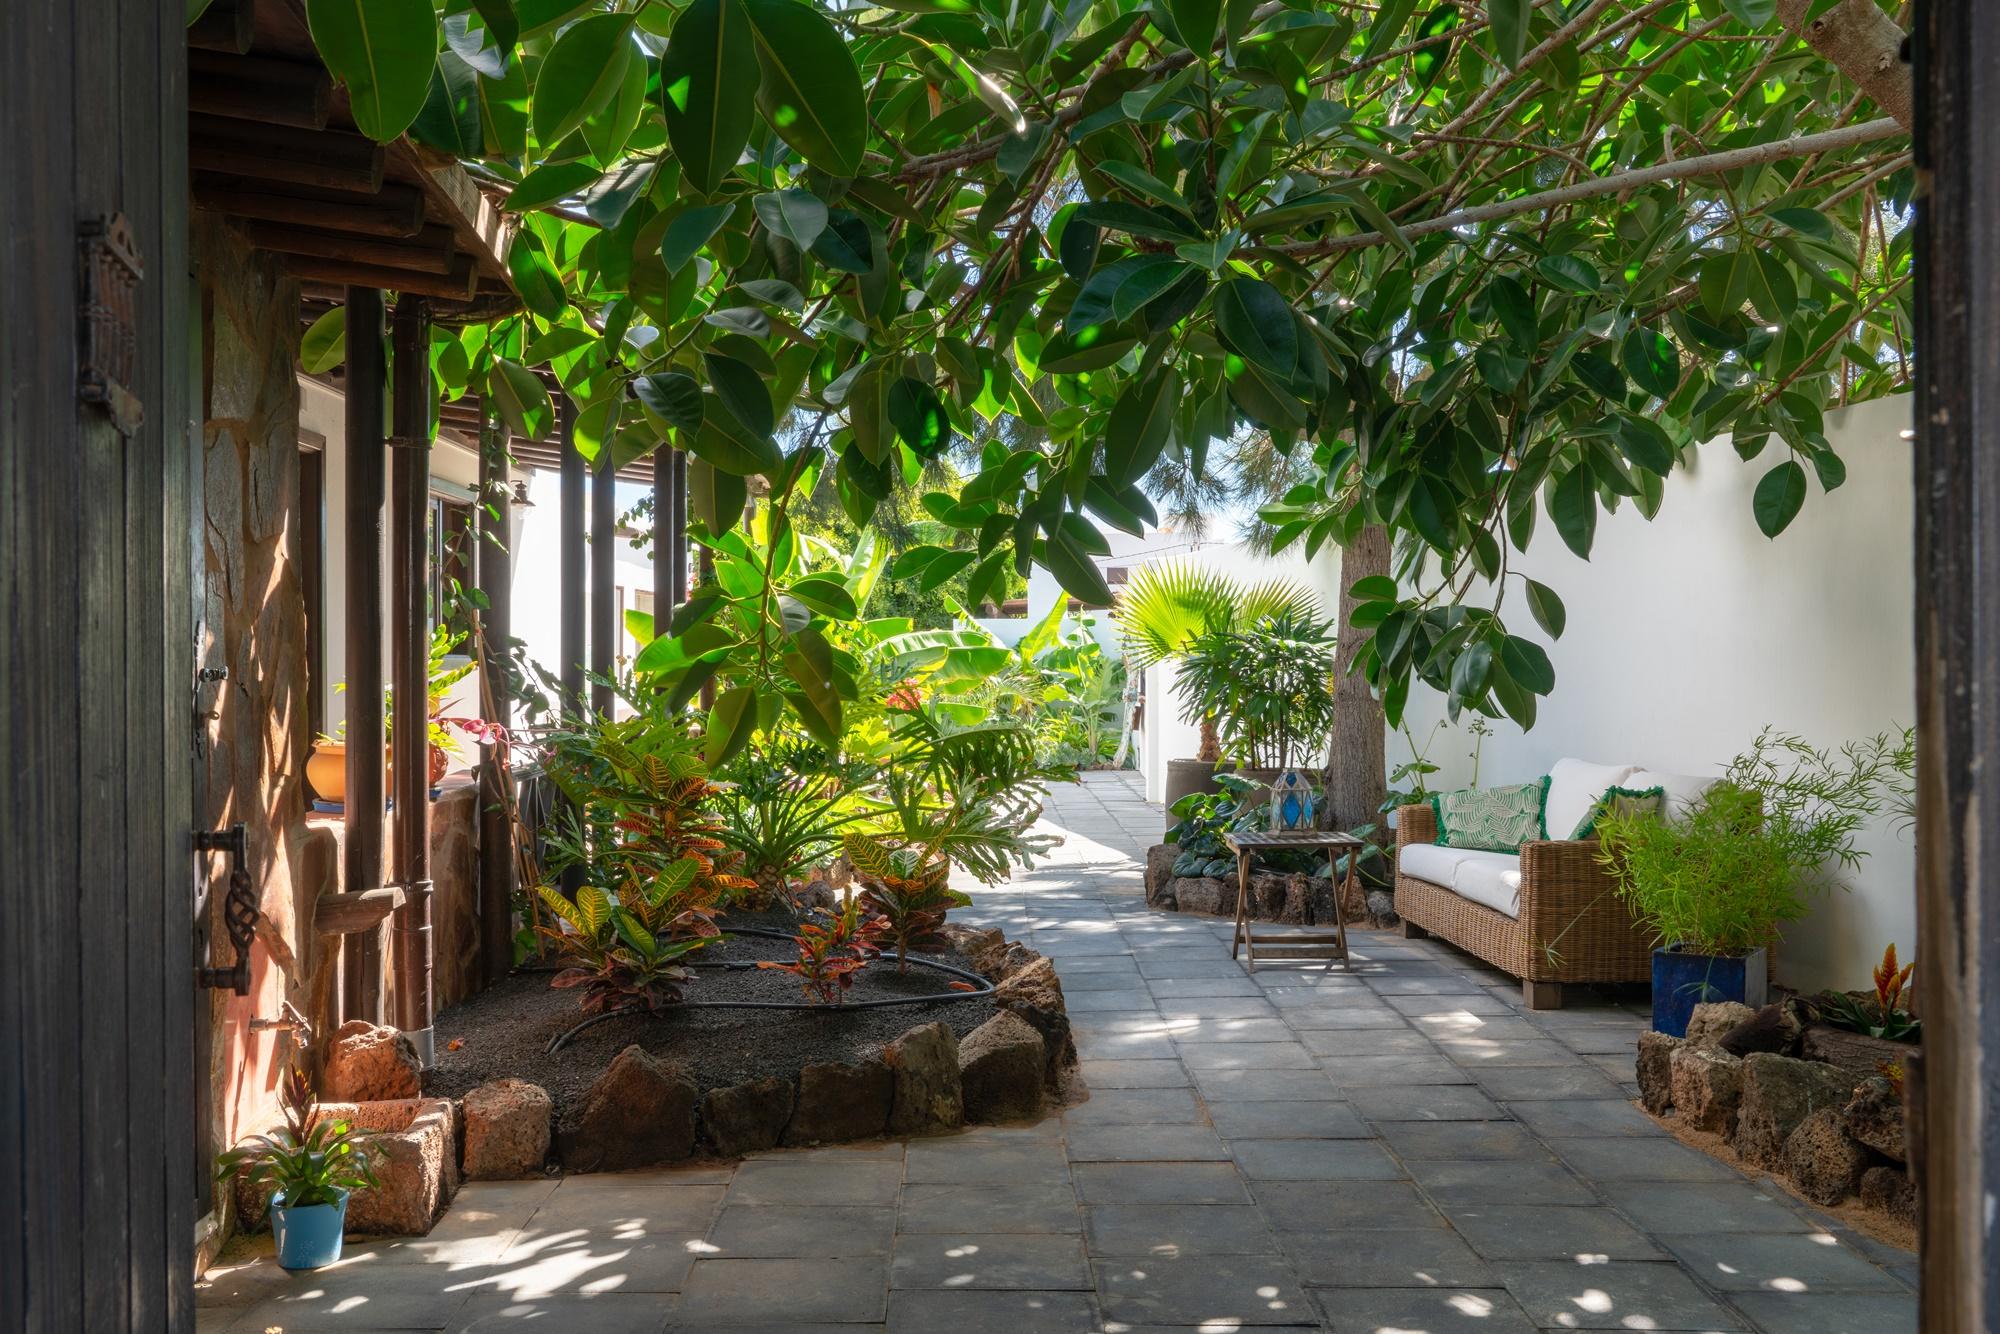 Secret-Garden-Photo-6 Resized.jpg